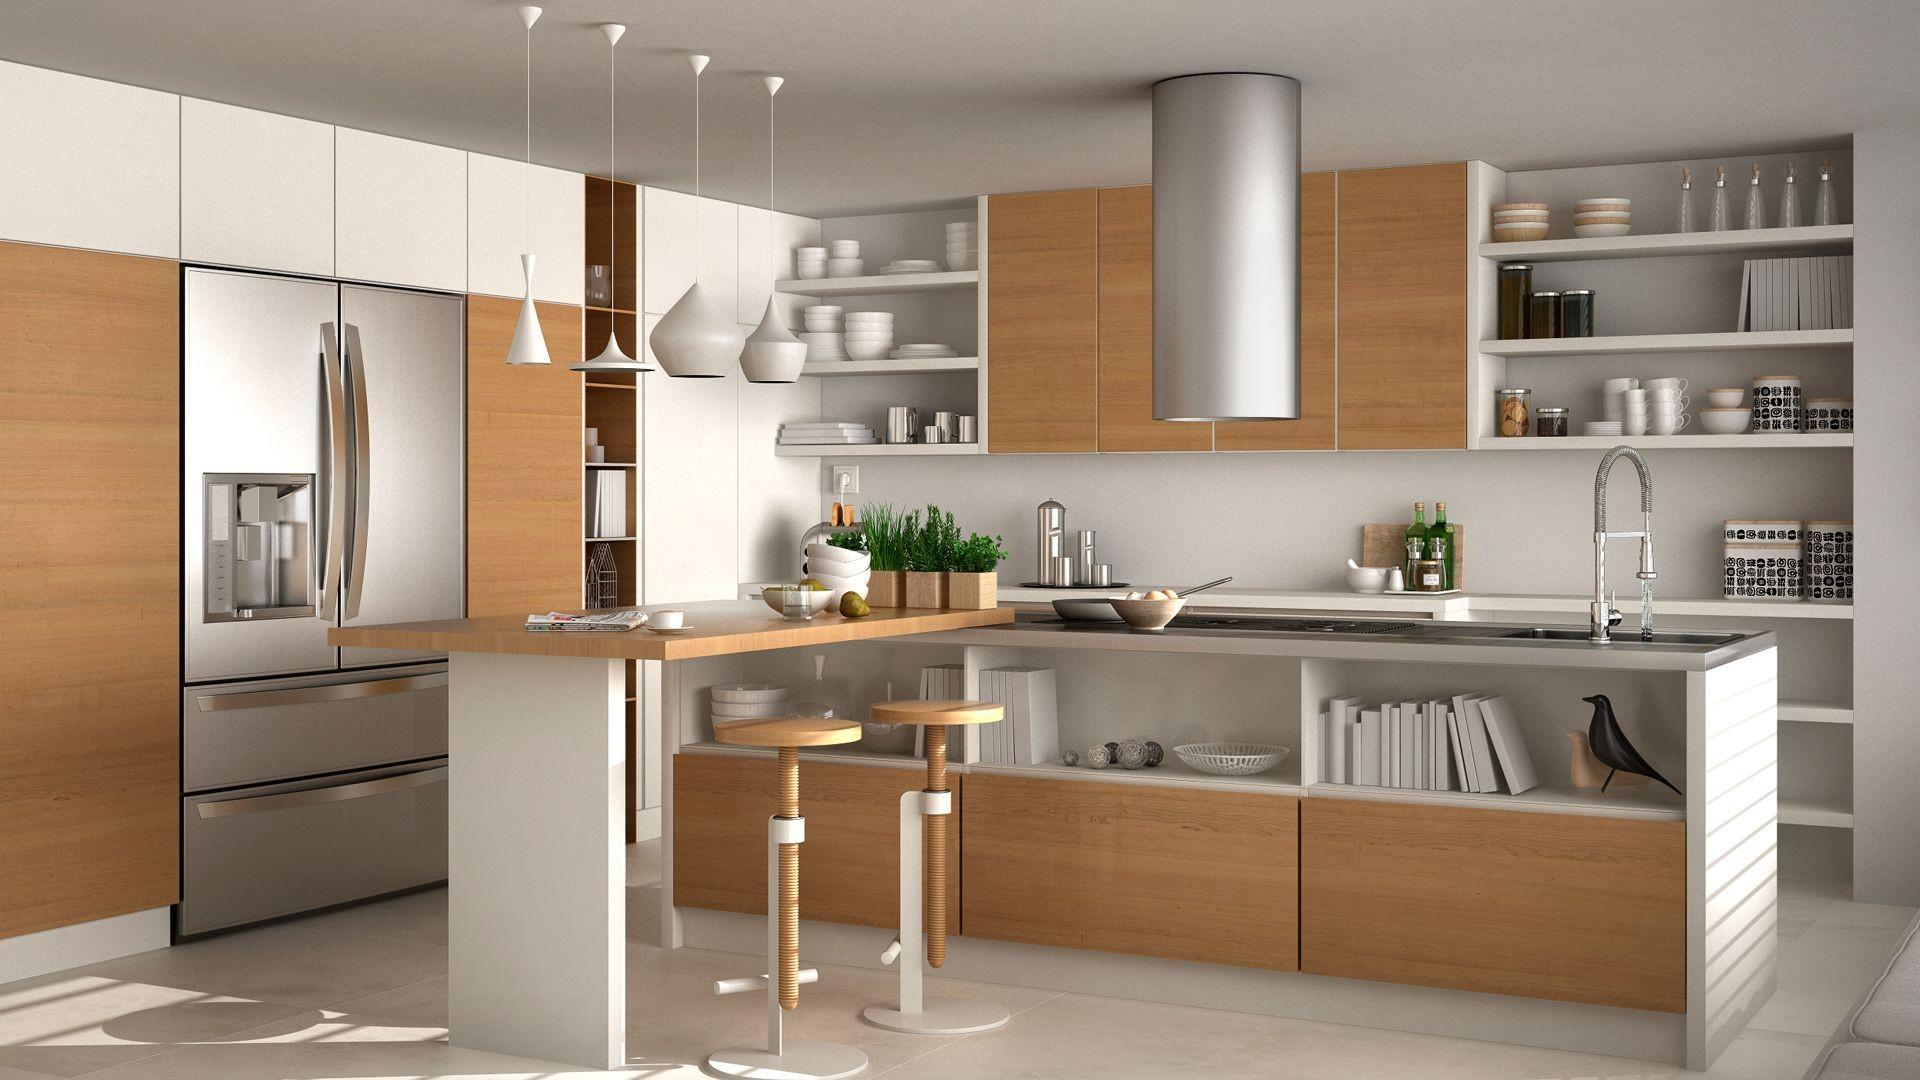 Muebles de cocina a medida en Las Palmas